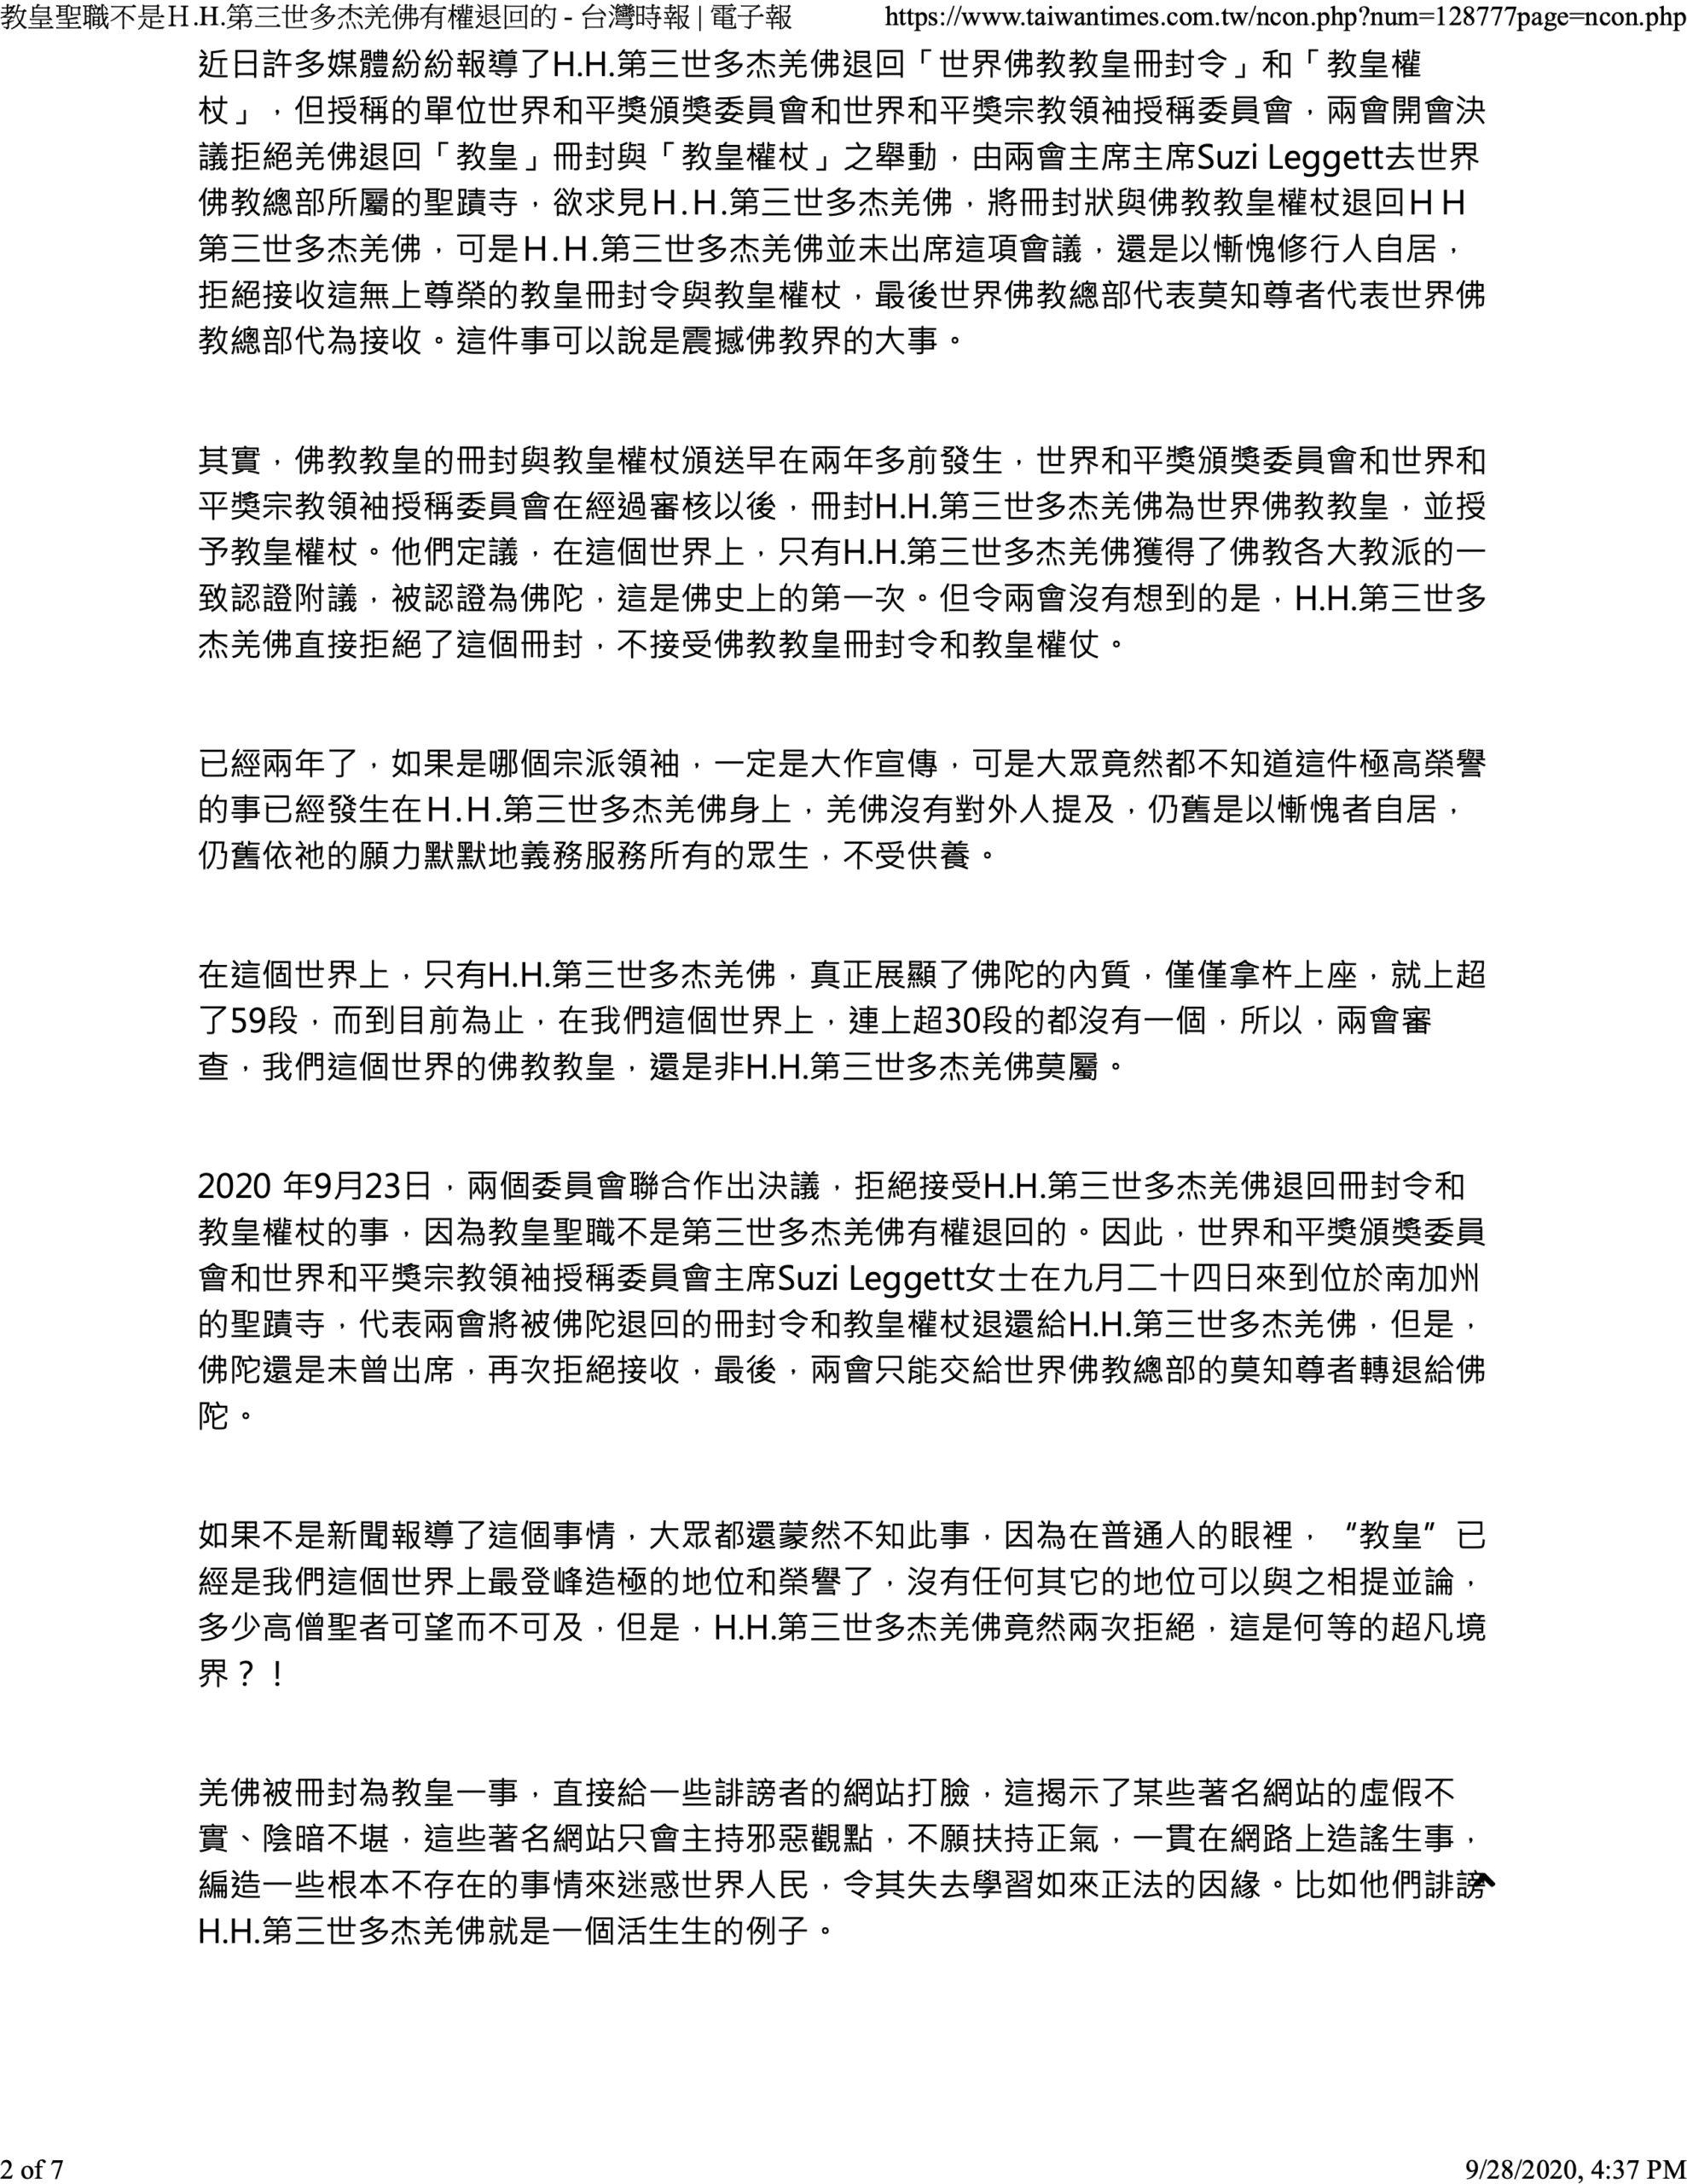 2-2 台灣時報電子報_教皇聖職不是H.H.第三世多杰羌佛有權退回的_9-28-2020